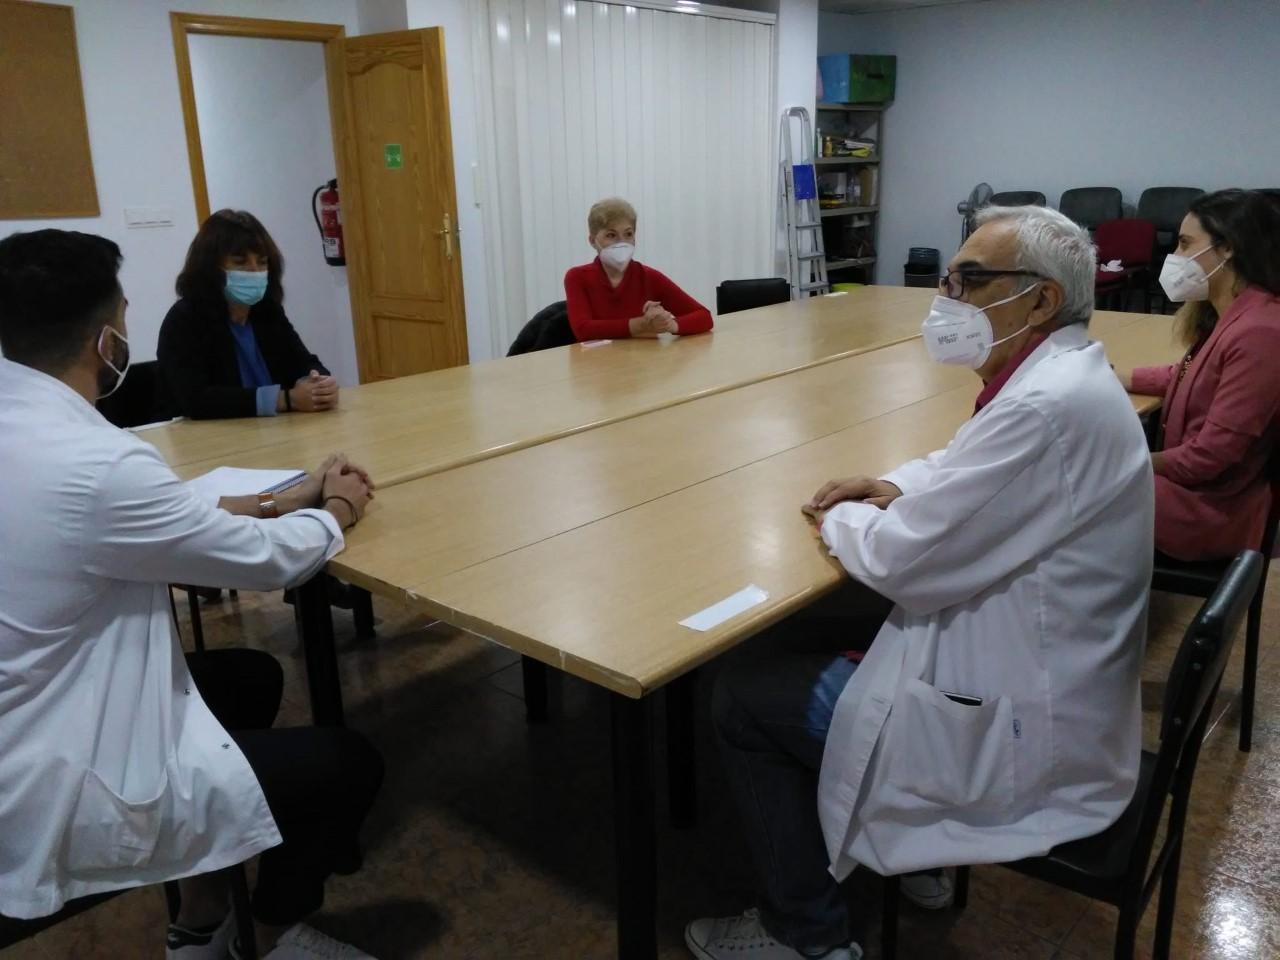 La diputada de Bienestar Social visita las instalaciones de Asperger-TEA